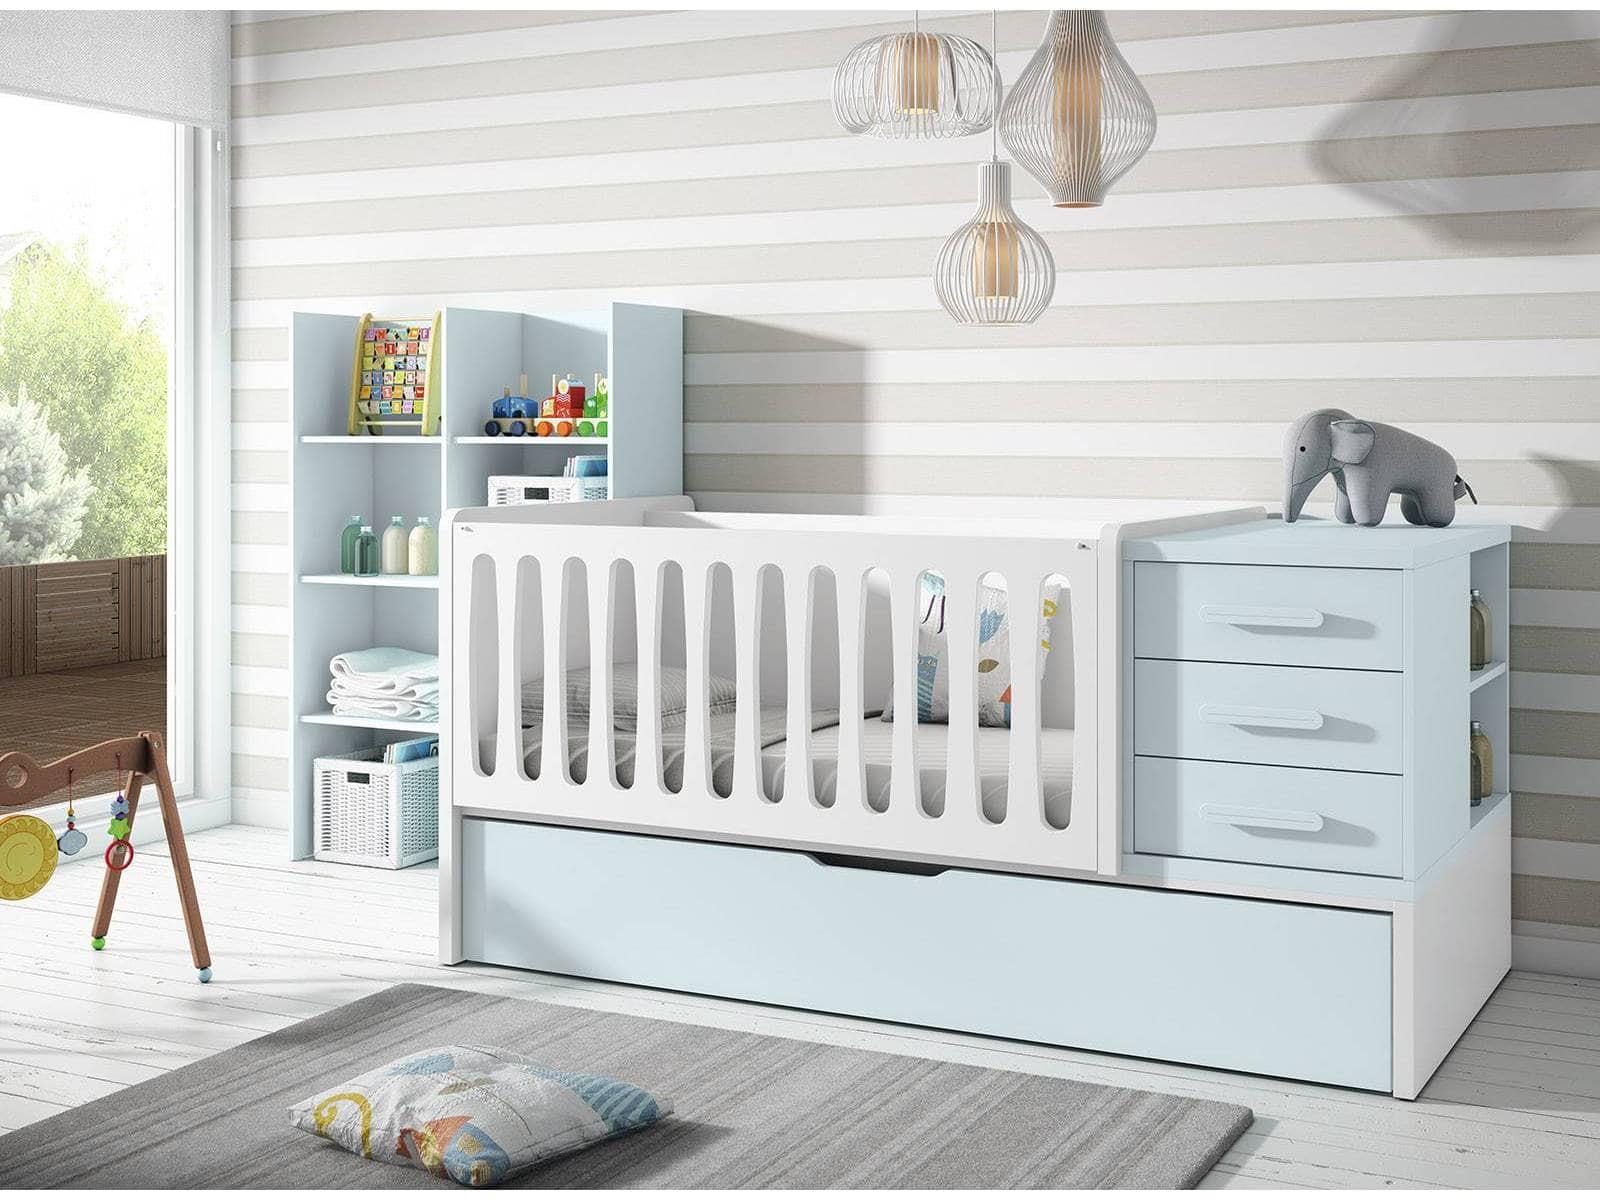 Cama Cuna Para Bebe Ventajas Y Caracteristicas - Cama-cuna-para-bebs